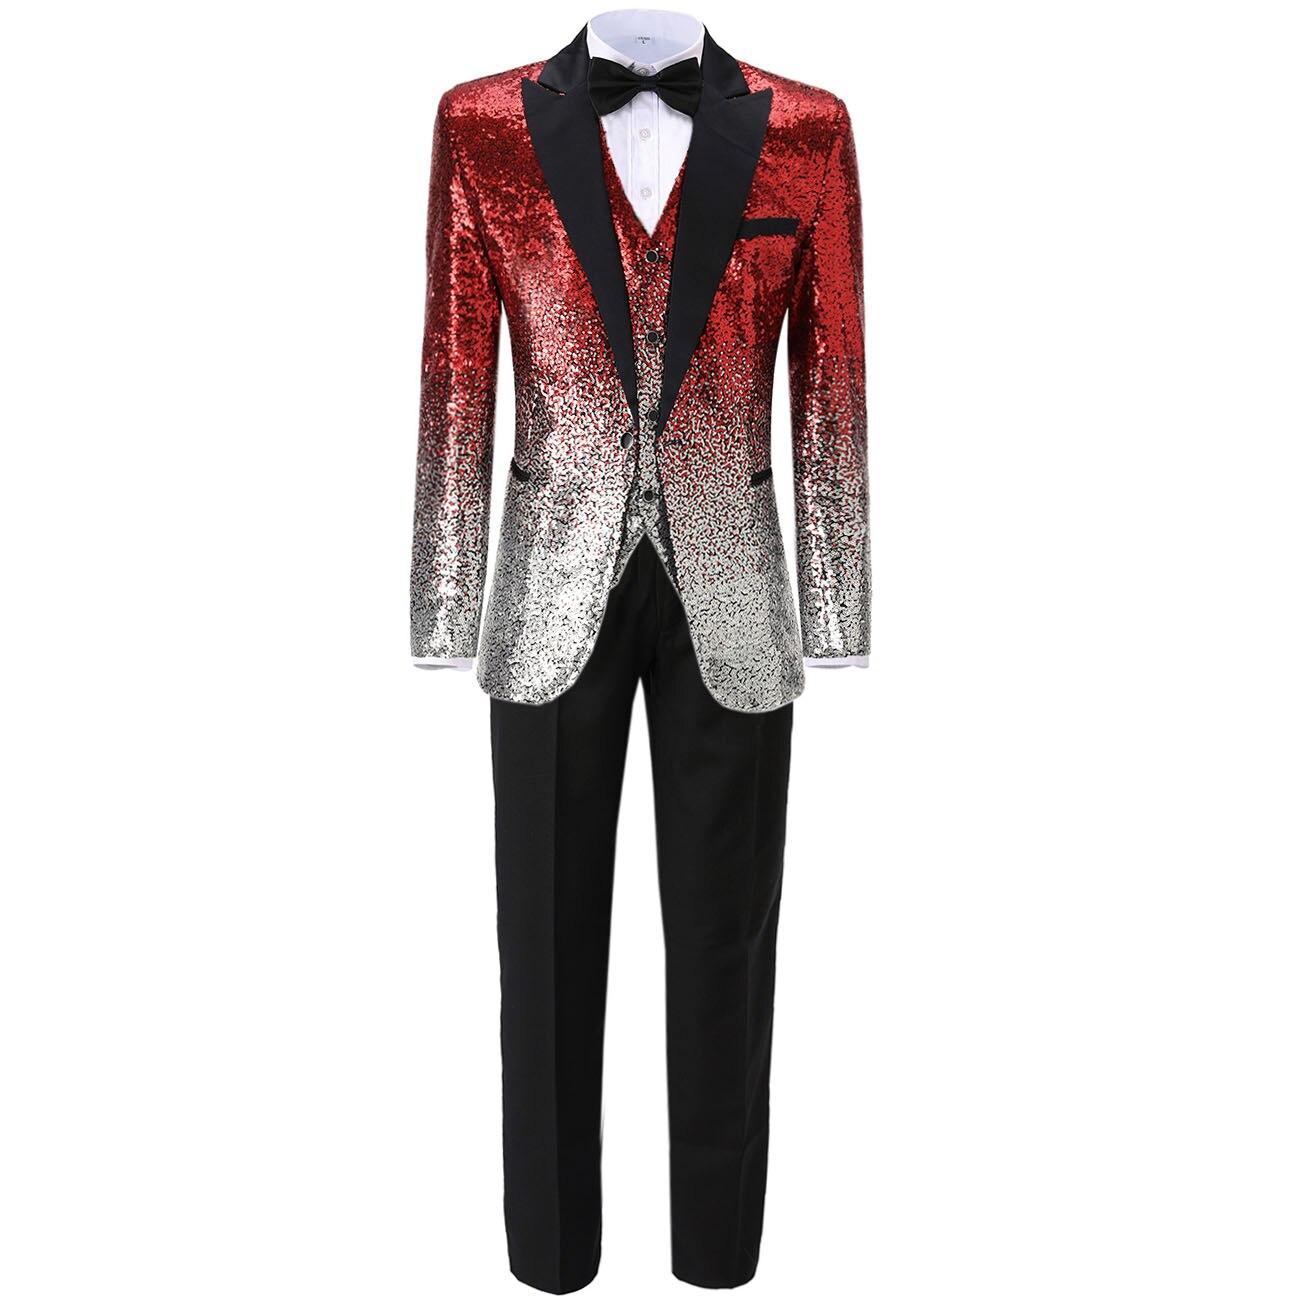 Slim Fit Gradient Sequin Men's Suit 3 Pieces Business Notch Lapel Vest Causal Tuxedos Groomsmen For Party(Blazer+vest+Pants)